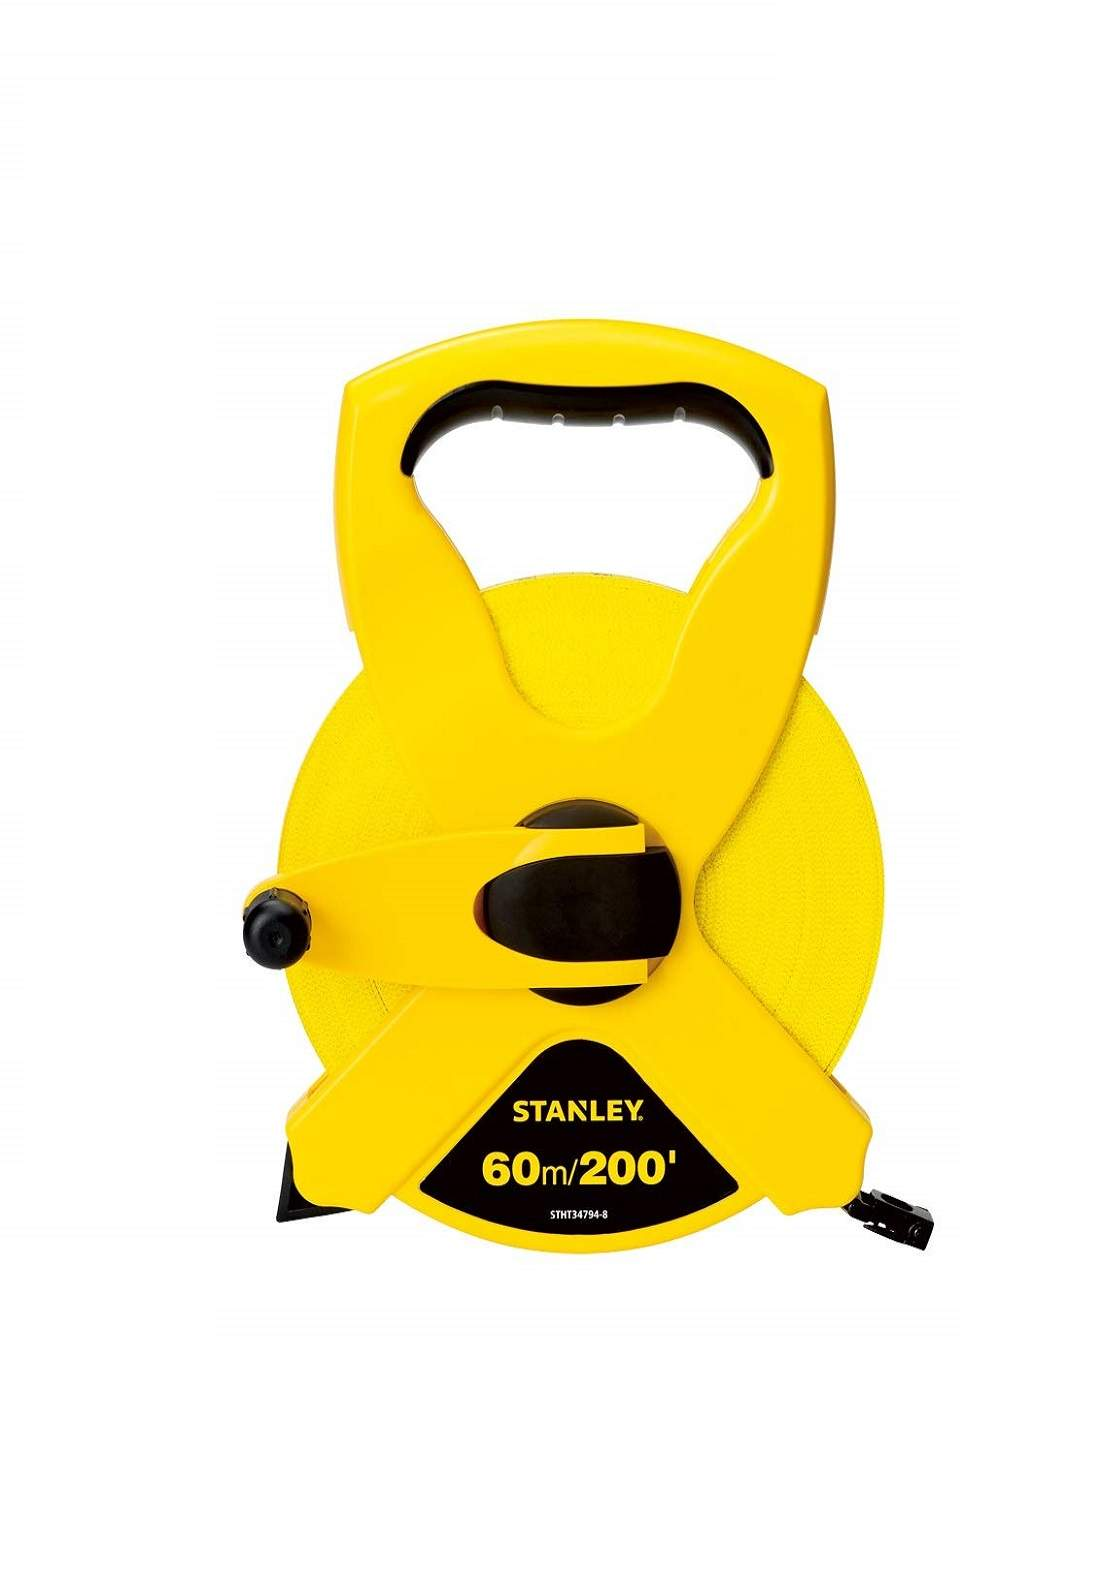 Stanley STHT34794-8 Measuring Tape 60M/E x 10mm فيتة